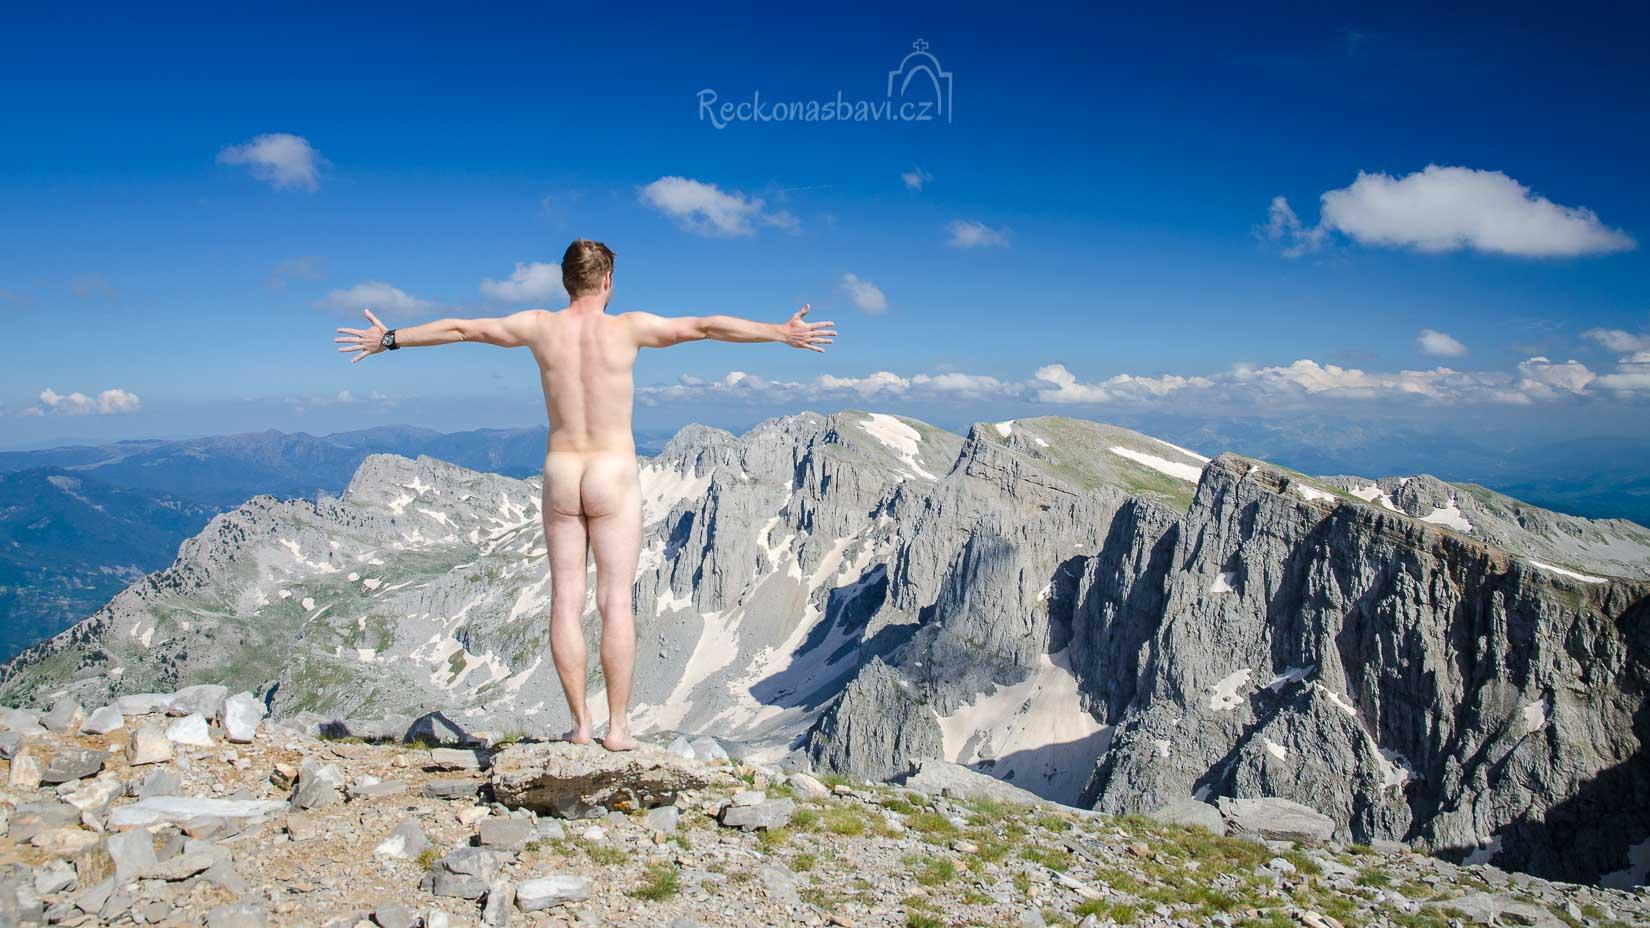 ... v horách vás čeká naprostá svoboda ...